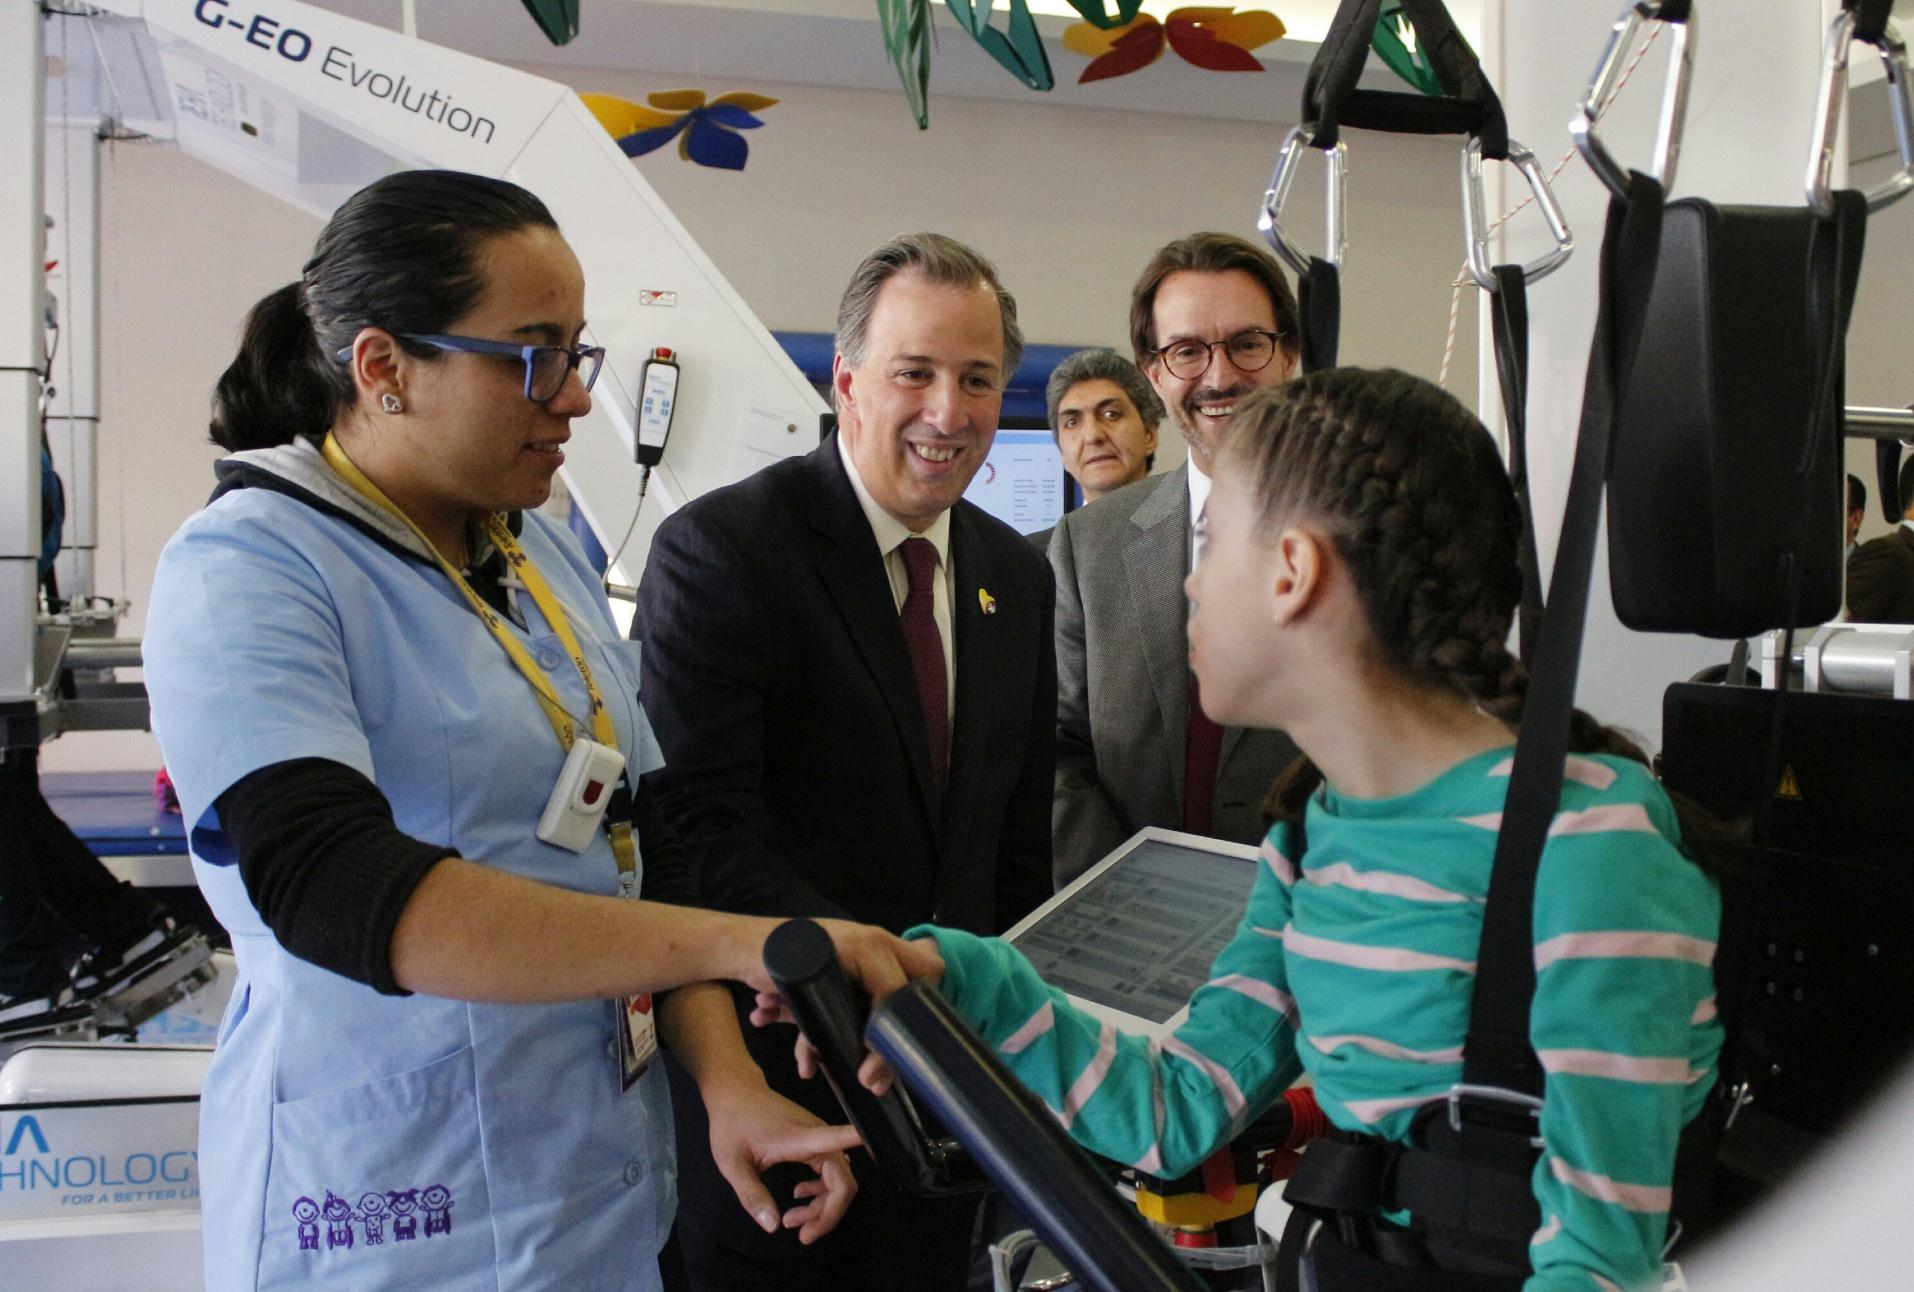 FOTO 2 Secretario Jos  Antonio Meade en el marco de la firma del Convenio Sedesol Fundaci n Telet n por un M xico sin Pobreza.jpg